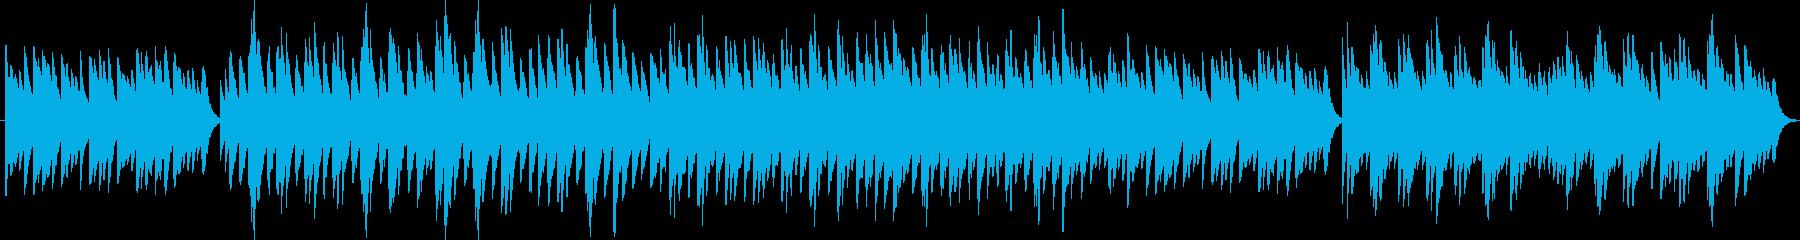 アメイジンググレイス(オルゴール)の再生済みの波形